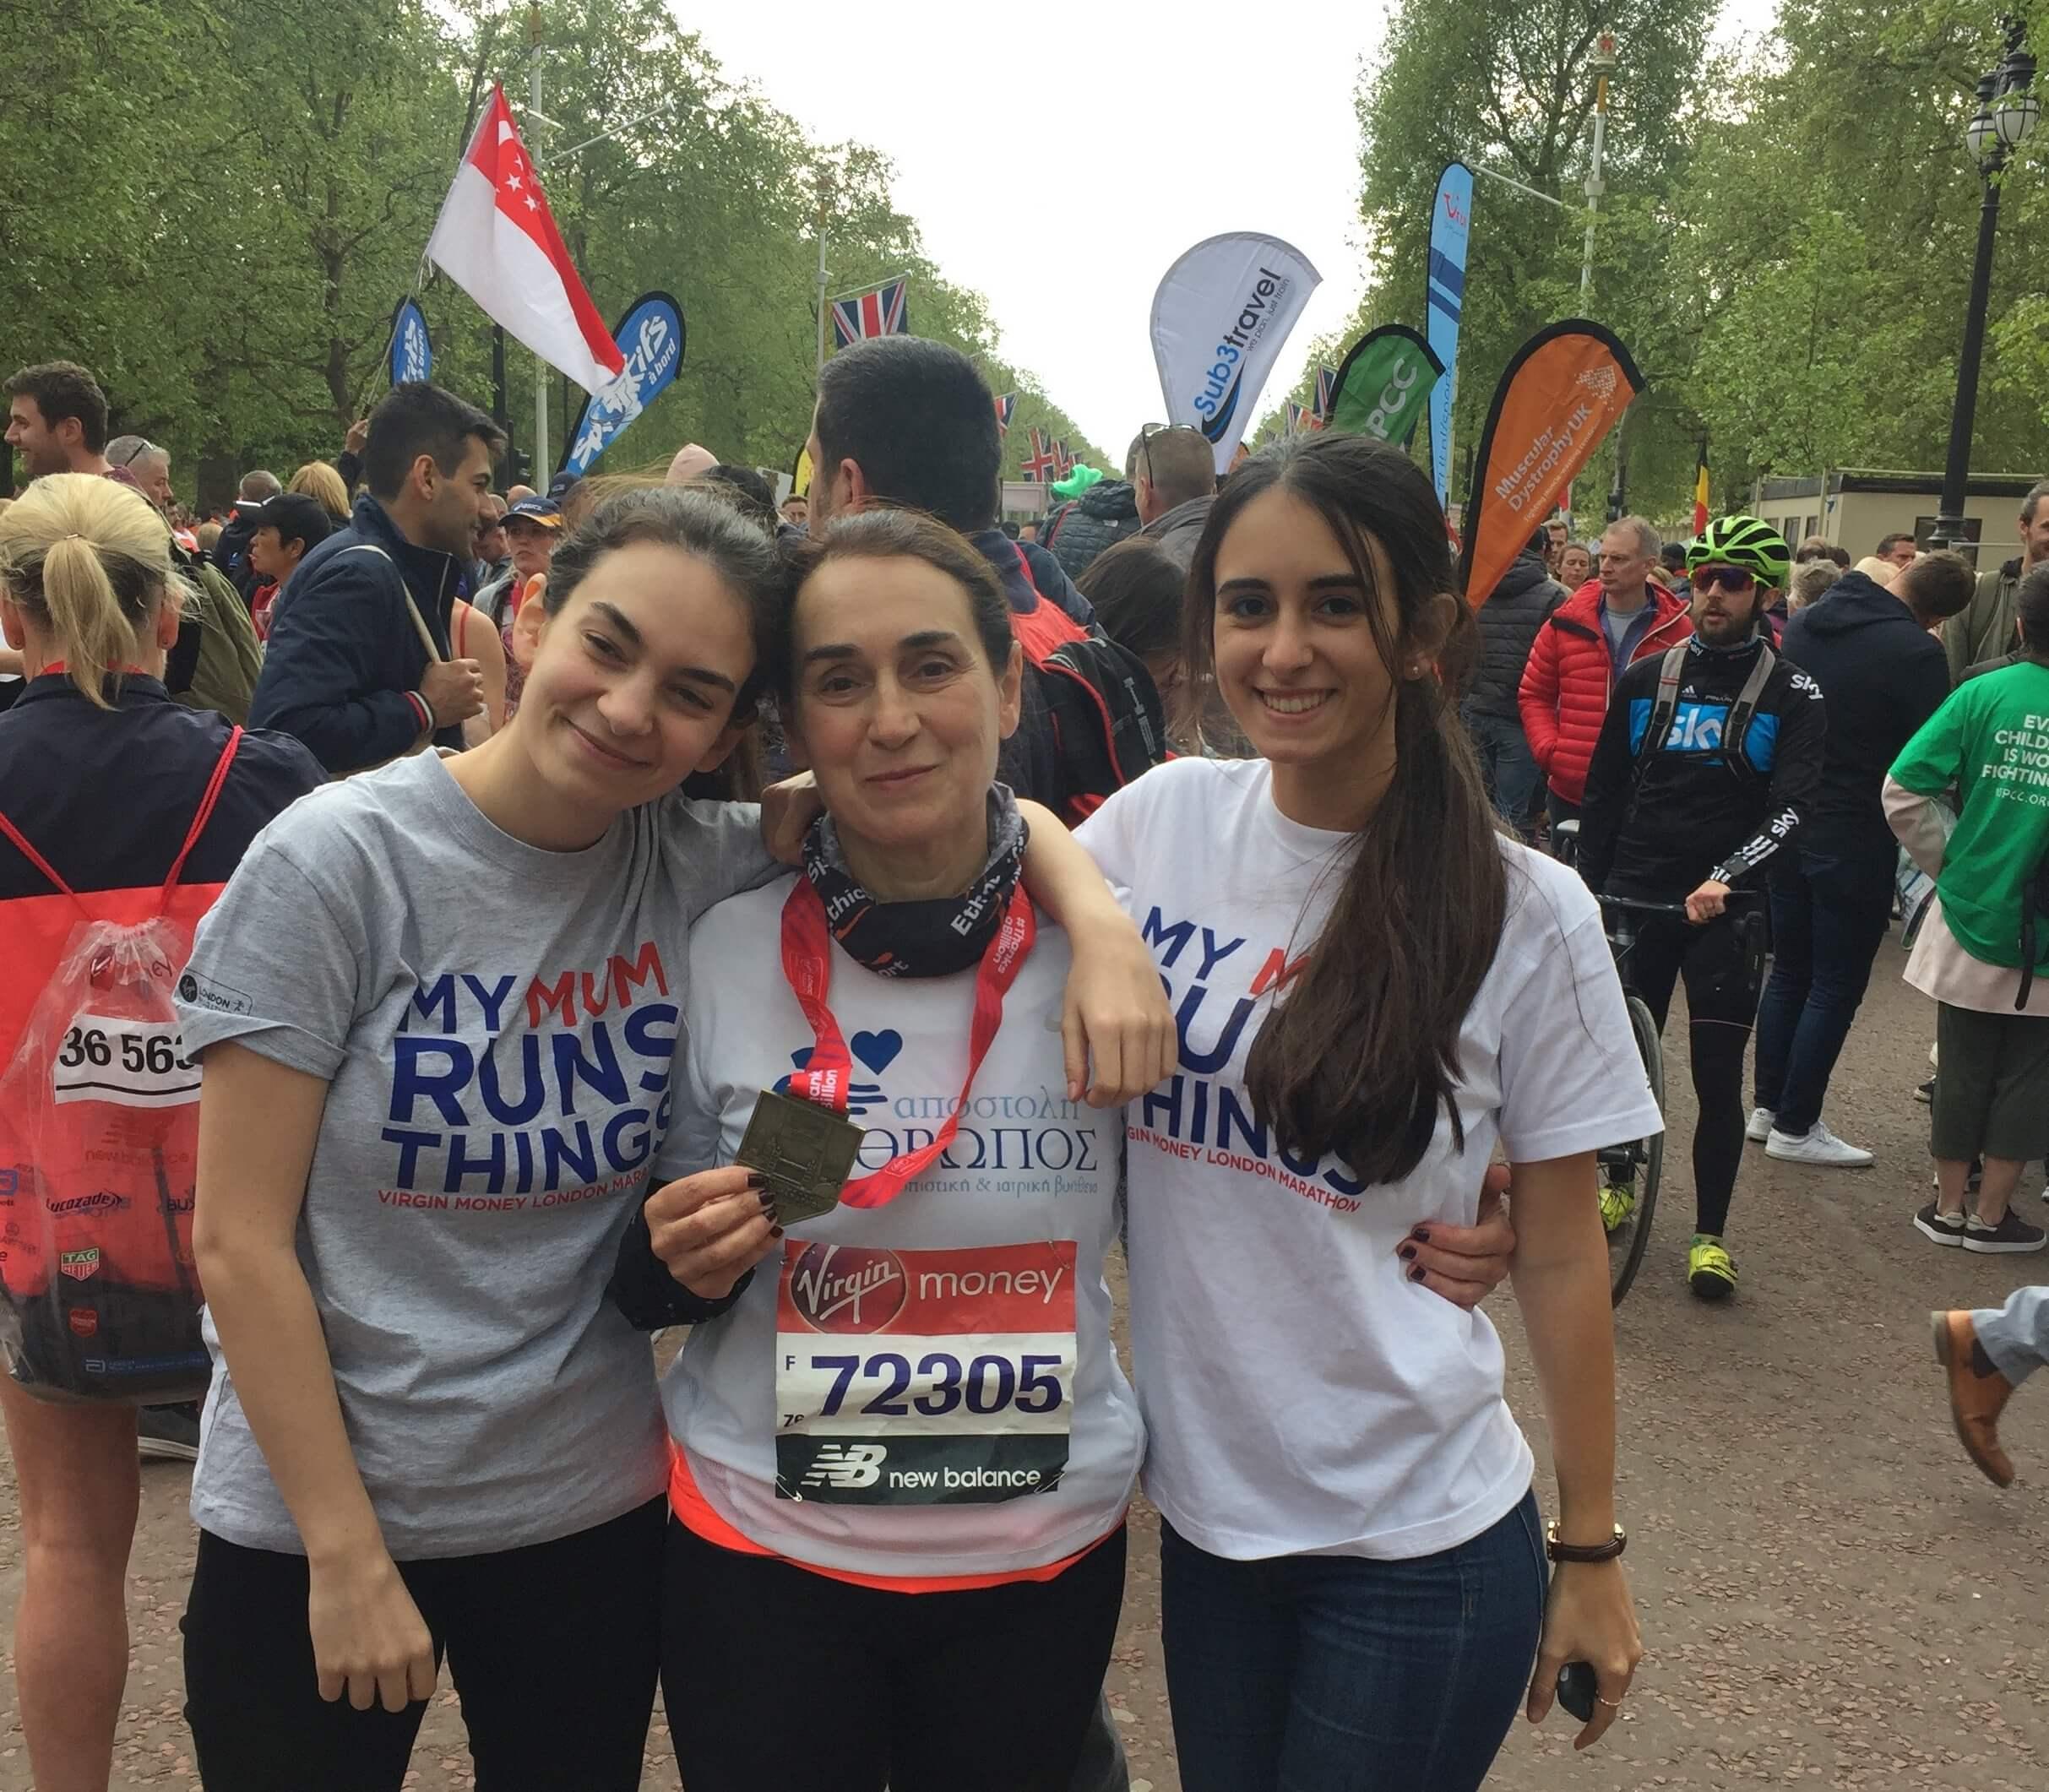 Συμμετοχή εθελόντριας στον Μαραθώνιο του Λονδίνου